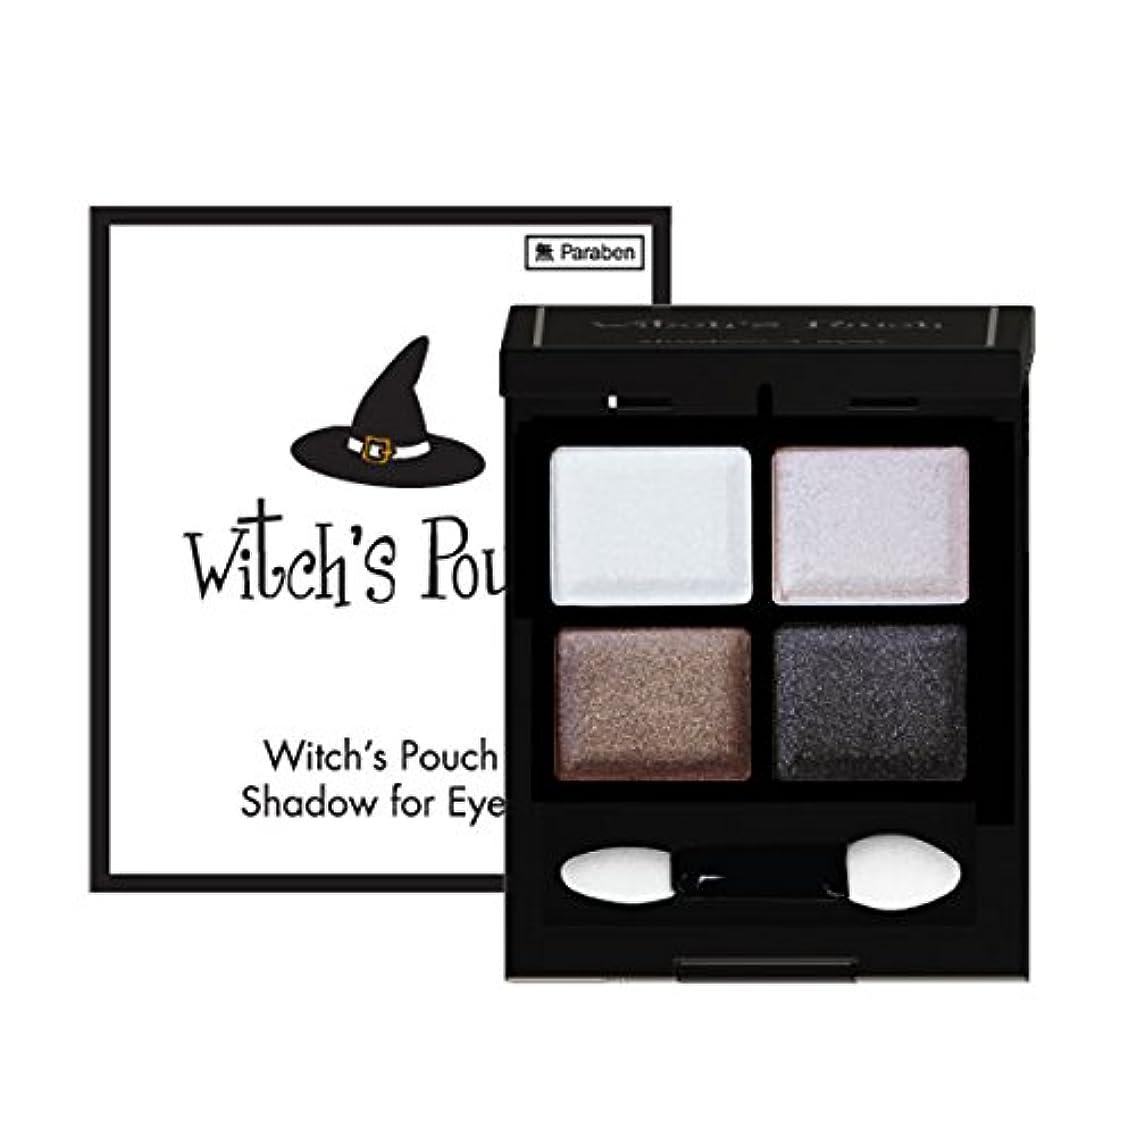 ジャーナリスト羊何故なのWitch's Pouch ウィッチズポーチ シャドウフォーアイズ SD5 グラムブラウン